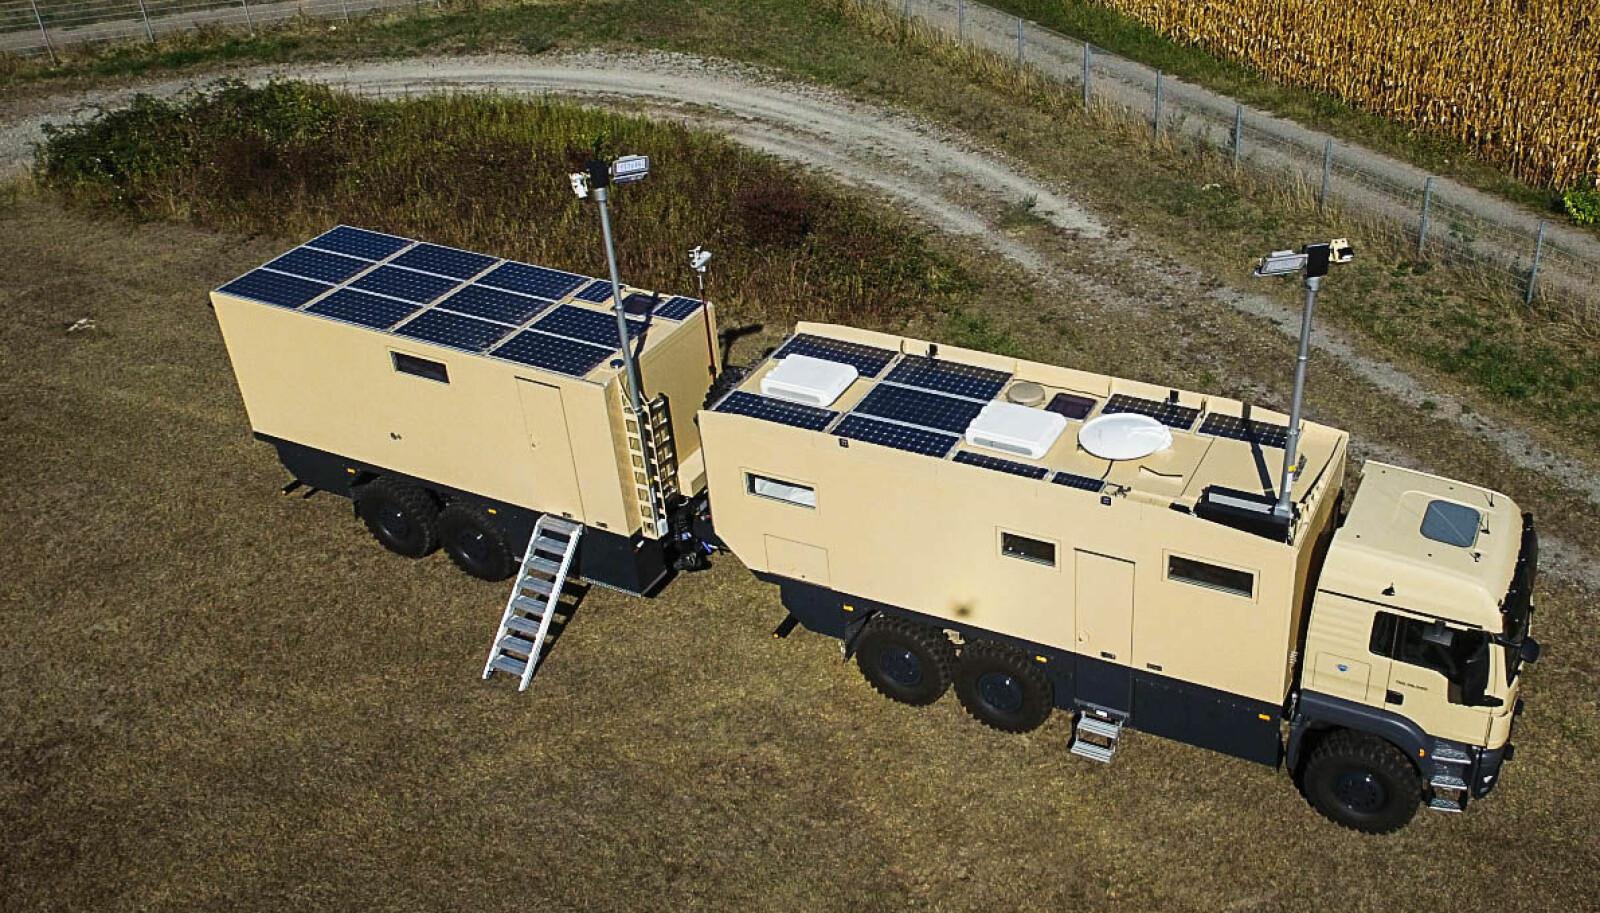 UTNYTTET TAKPLASS: På taket finnes et stort antall solcellepanel, parabolantenne og klimaanlegg for bobilen.